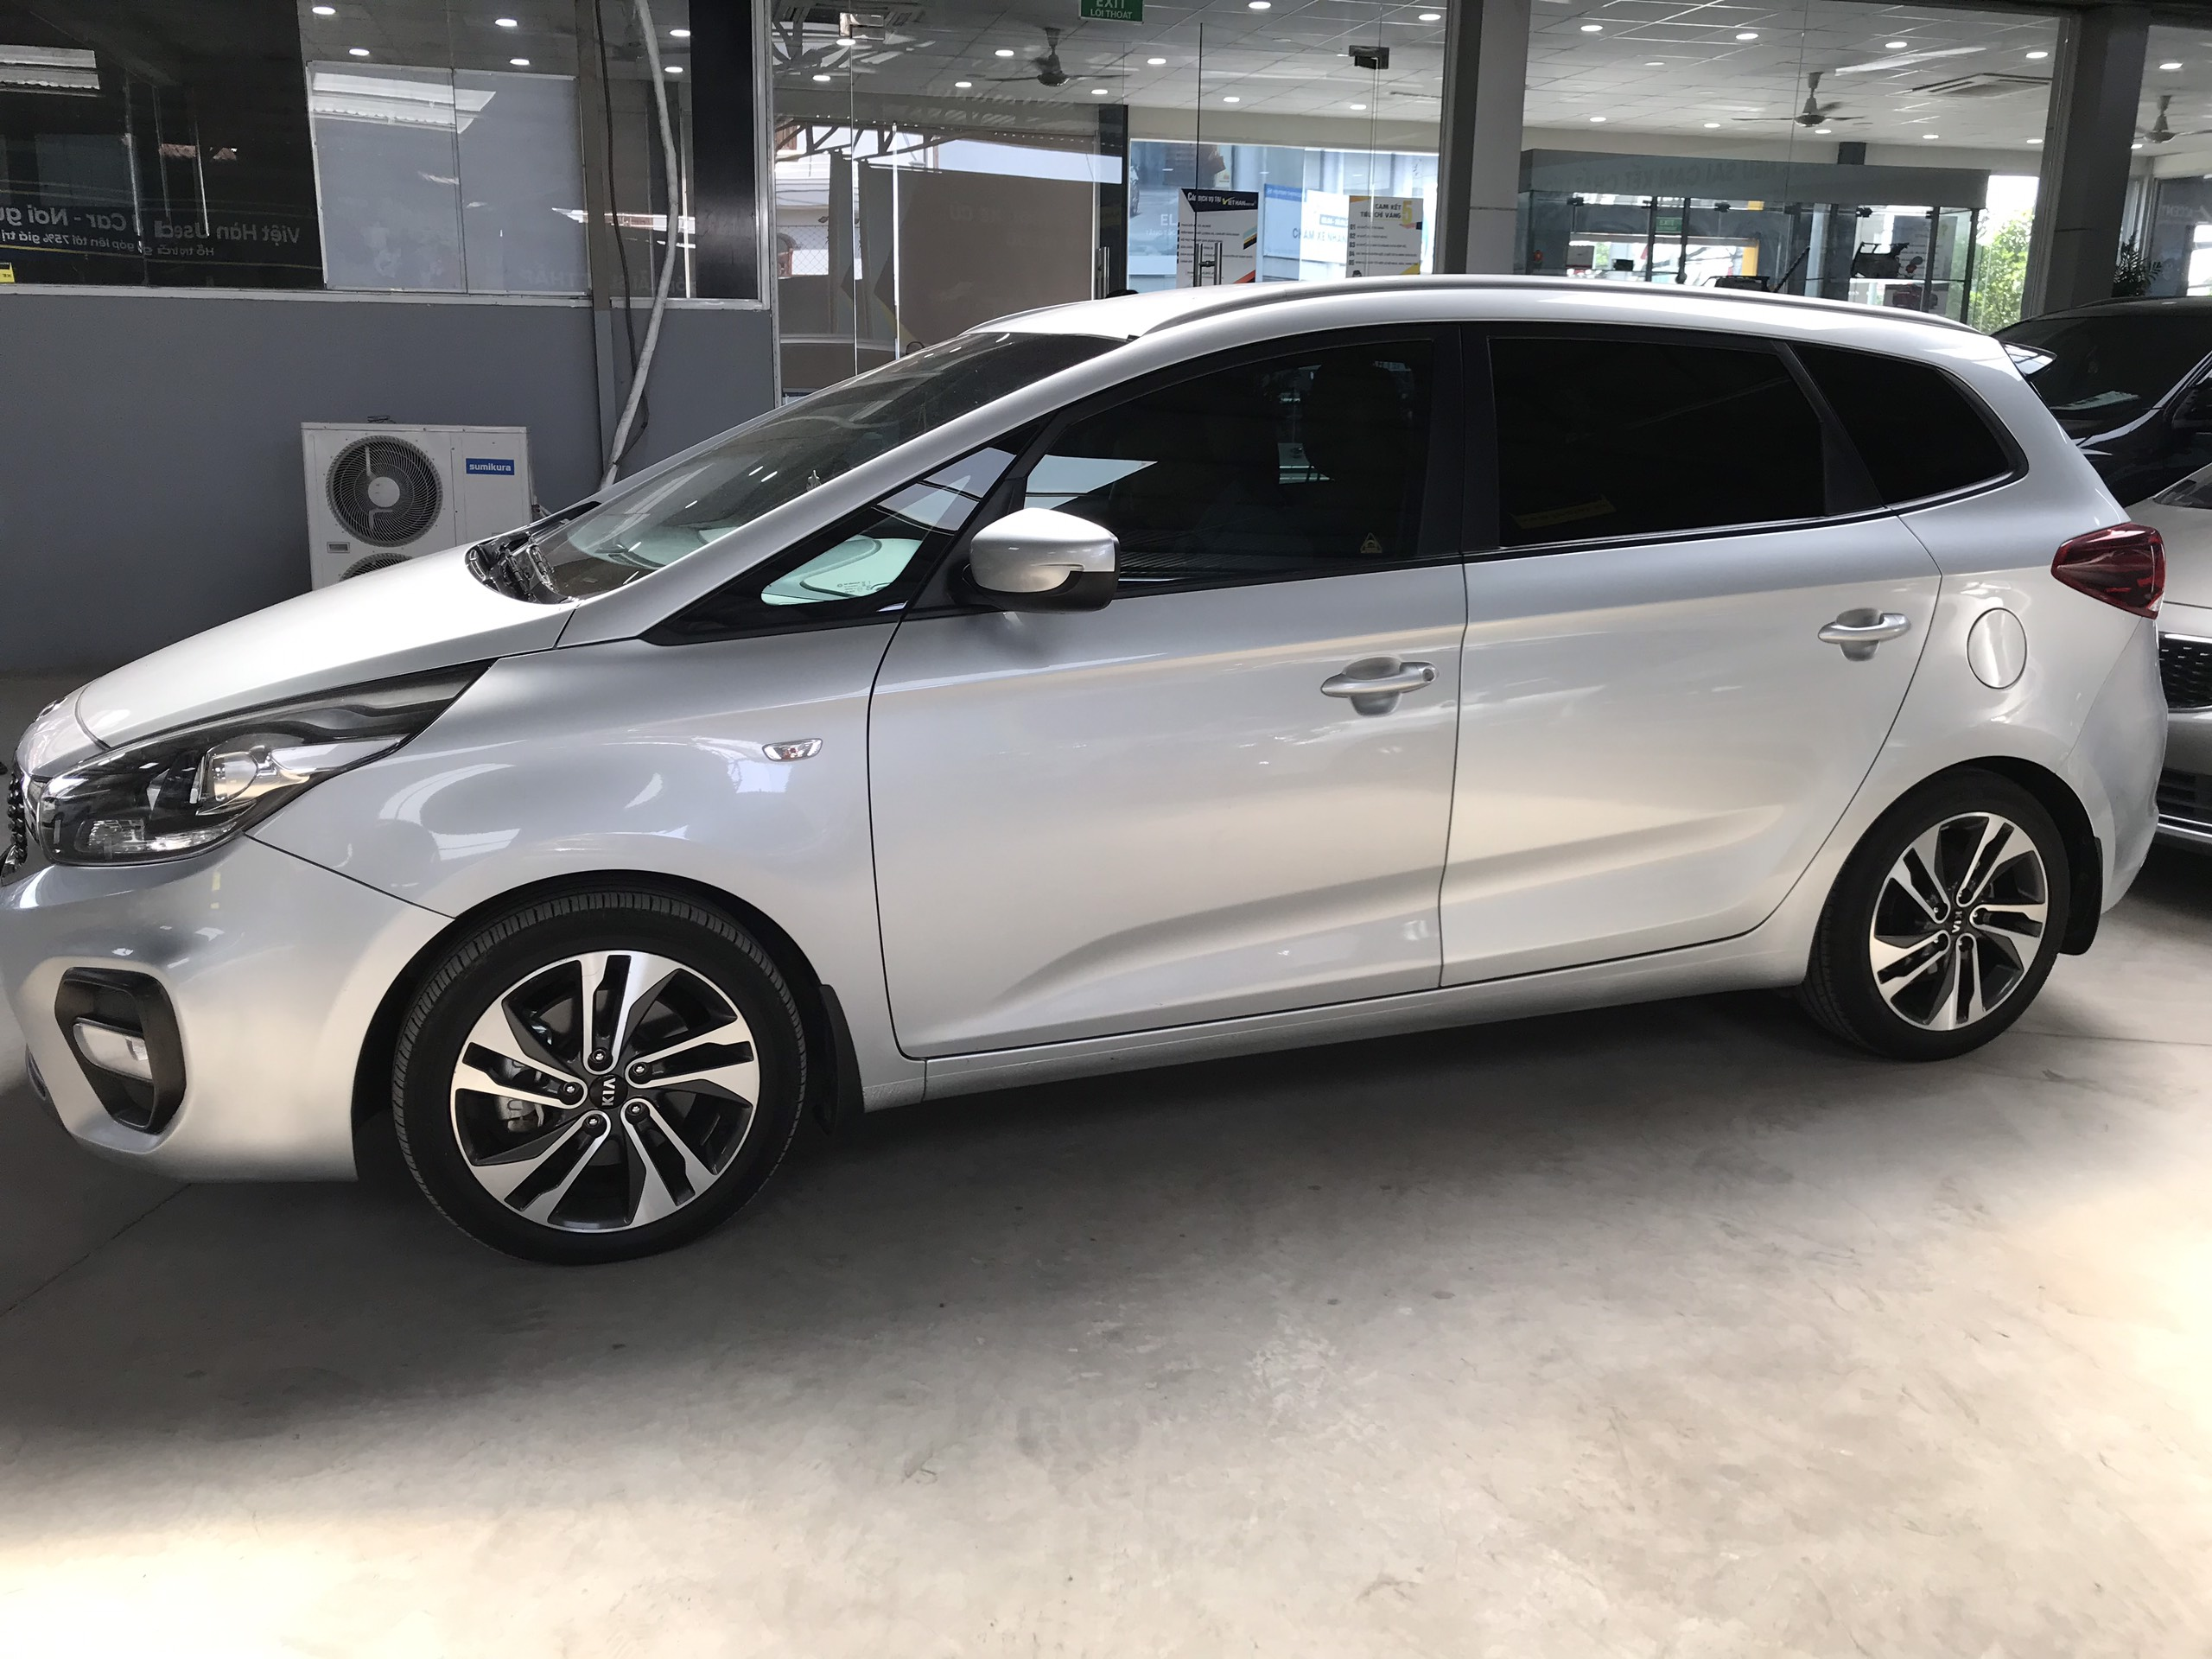 Bán Kia Rondo 2.0MT màu bạc số sàn sản xuất 2017 biển SG mẫu mới mâm xoắn